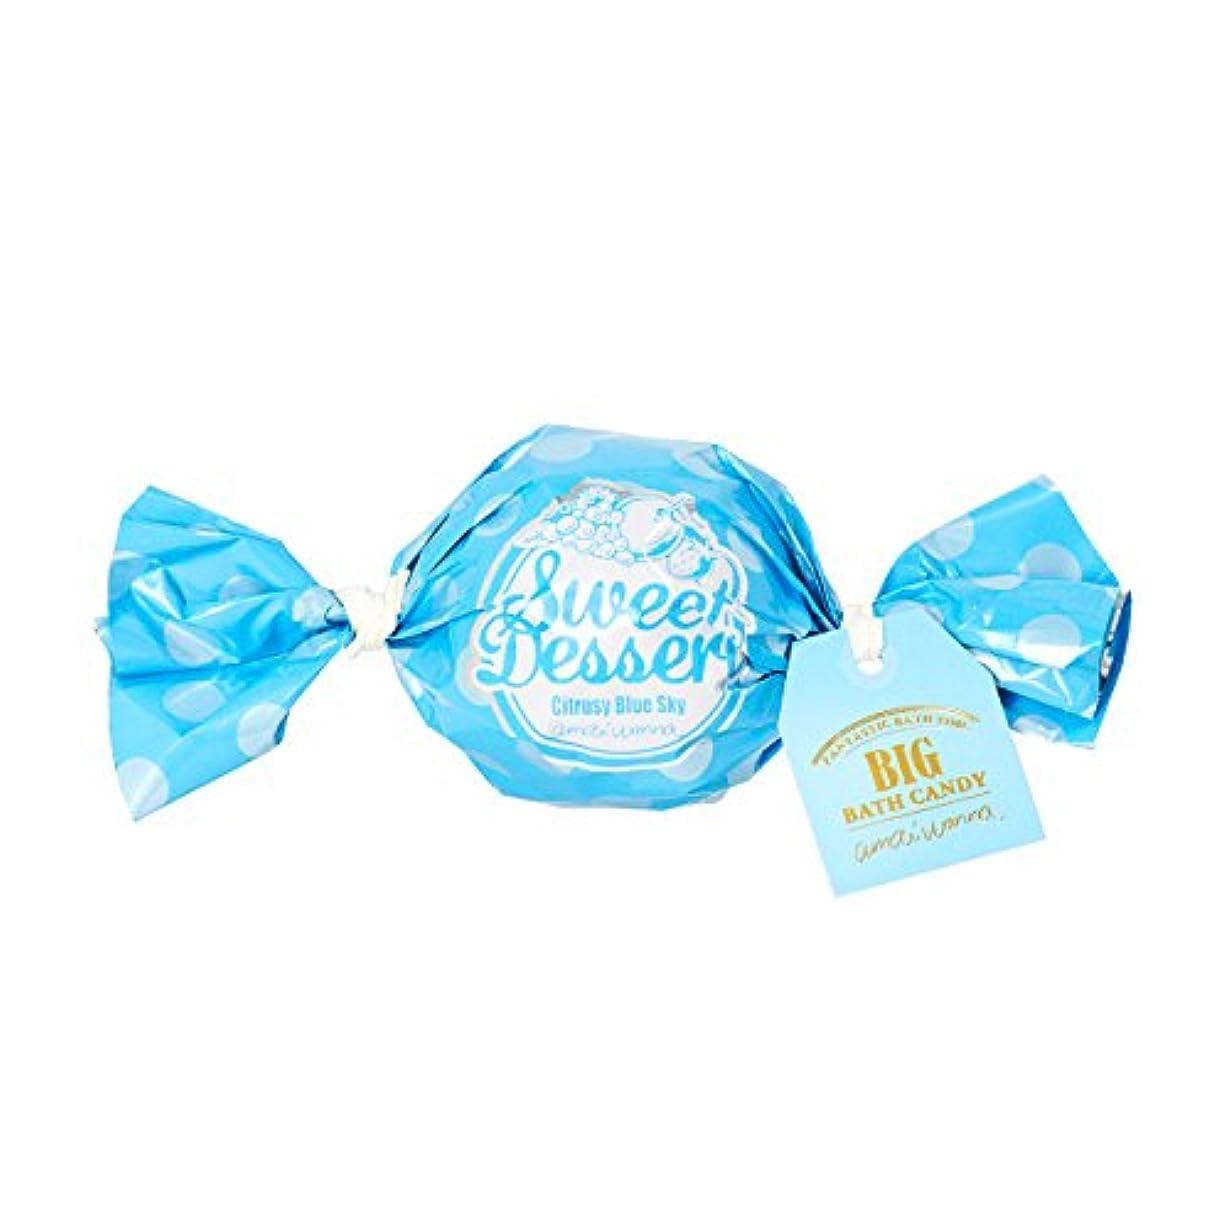 咳隣接するレスリングアマイワナ ビッグバスキャンディー 青空シトラス 100g(発泡タイプ入浴料 おおらかで凛としたシトラスの香り)